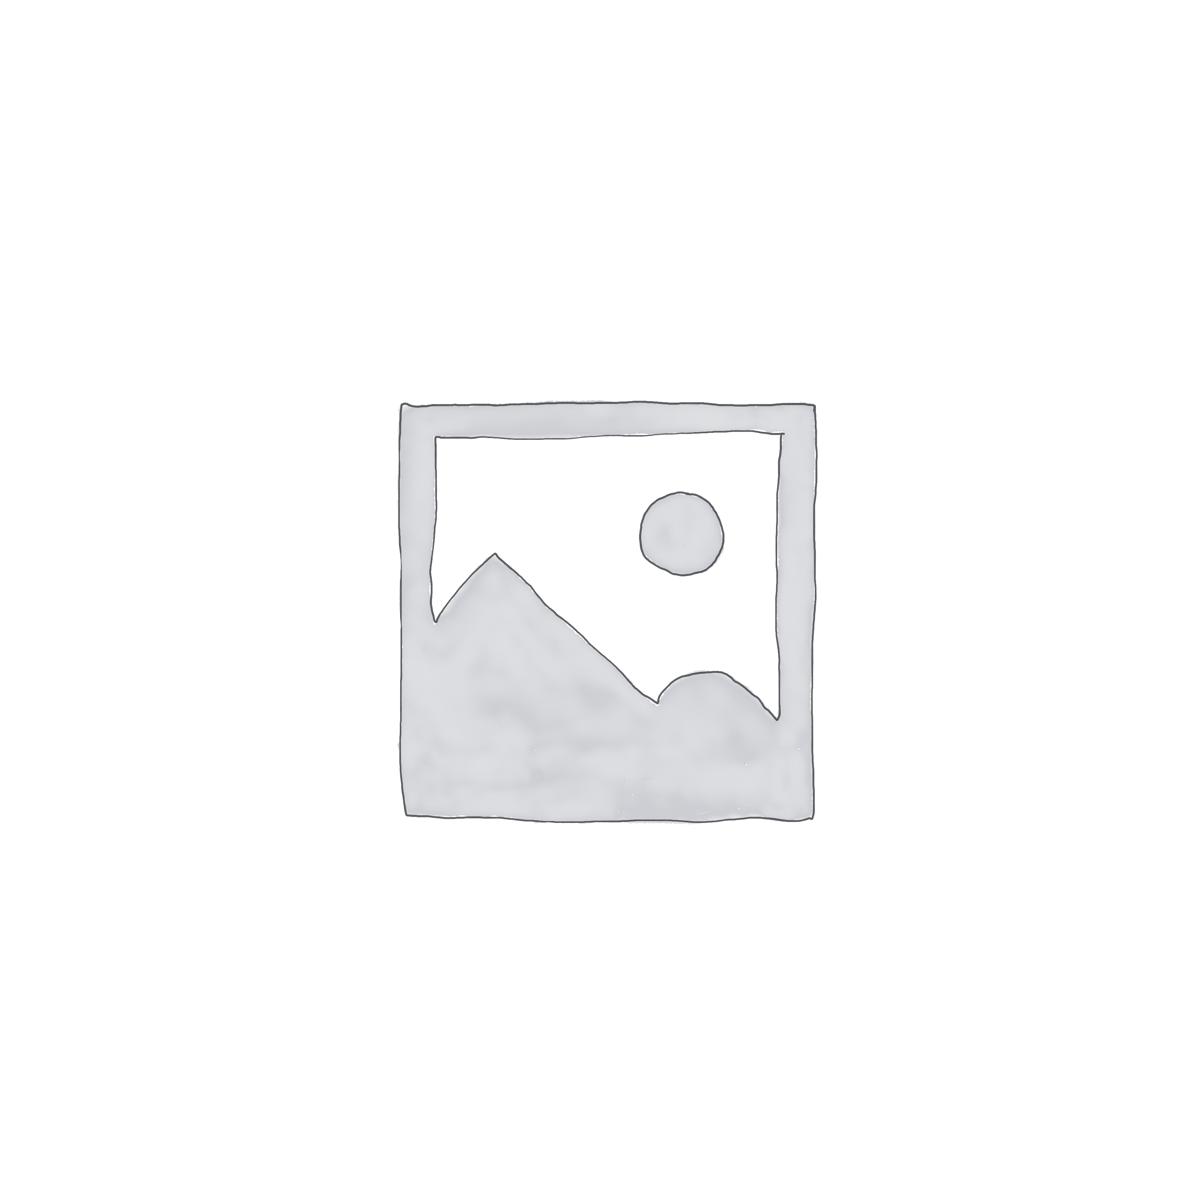 Swarovski Swan and Floral Wallpaper Mural